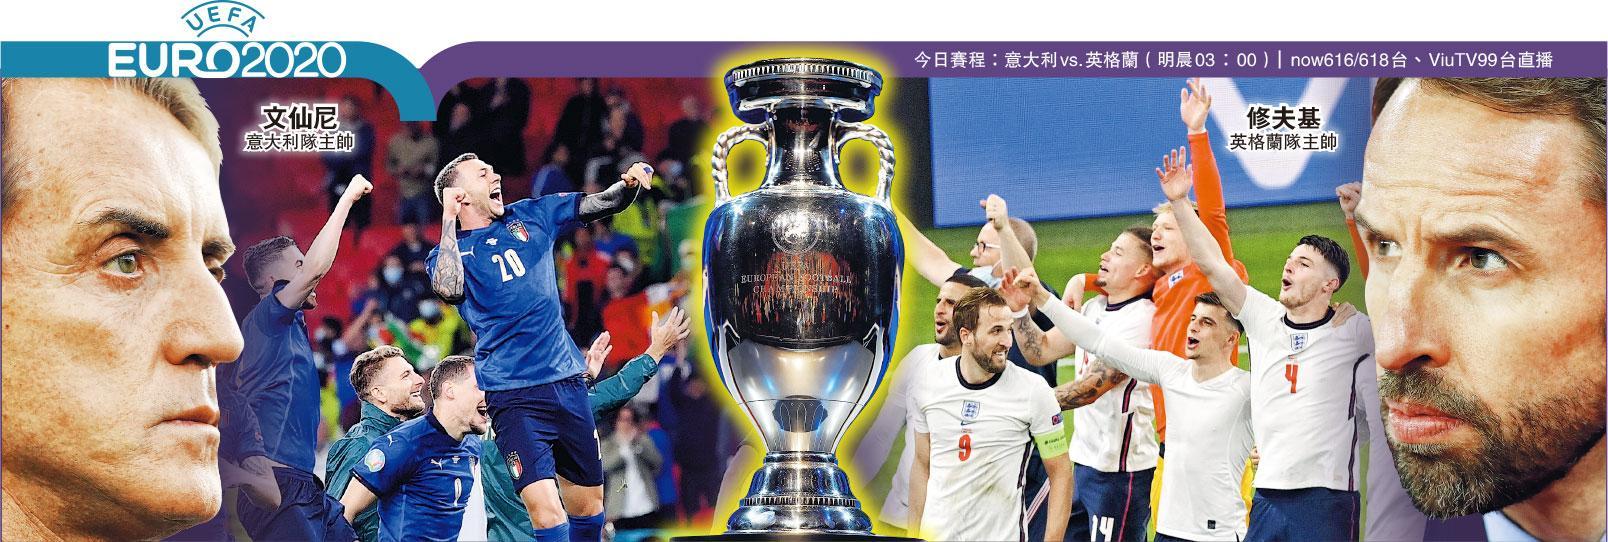 三獅意軍歐國盃矛盾對決 英格蘭乘天時地利求破荒 邦路斯基亞連尼冀經驗制勝